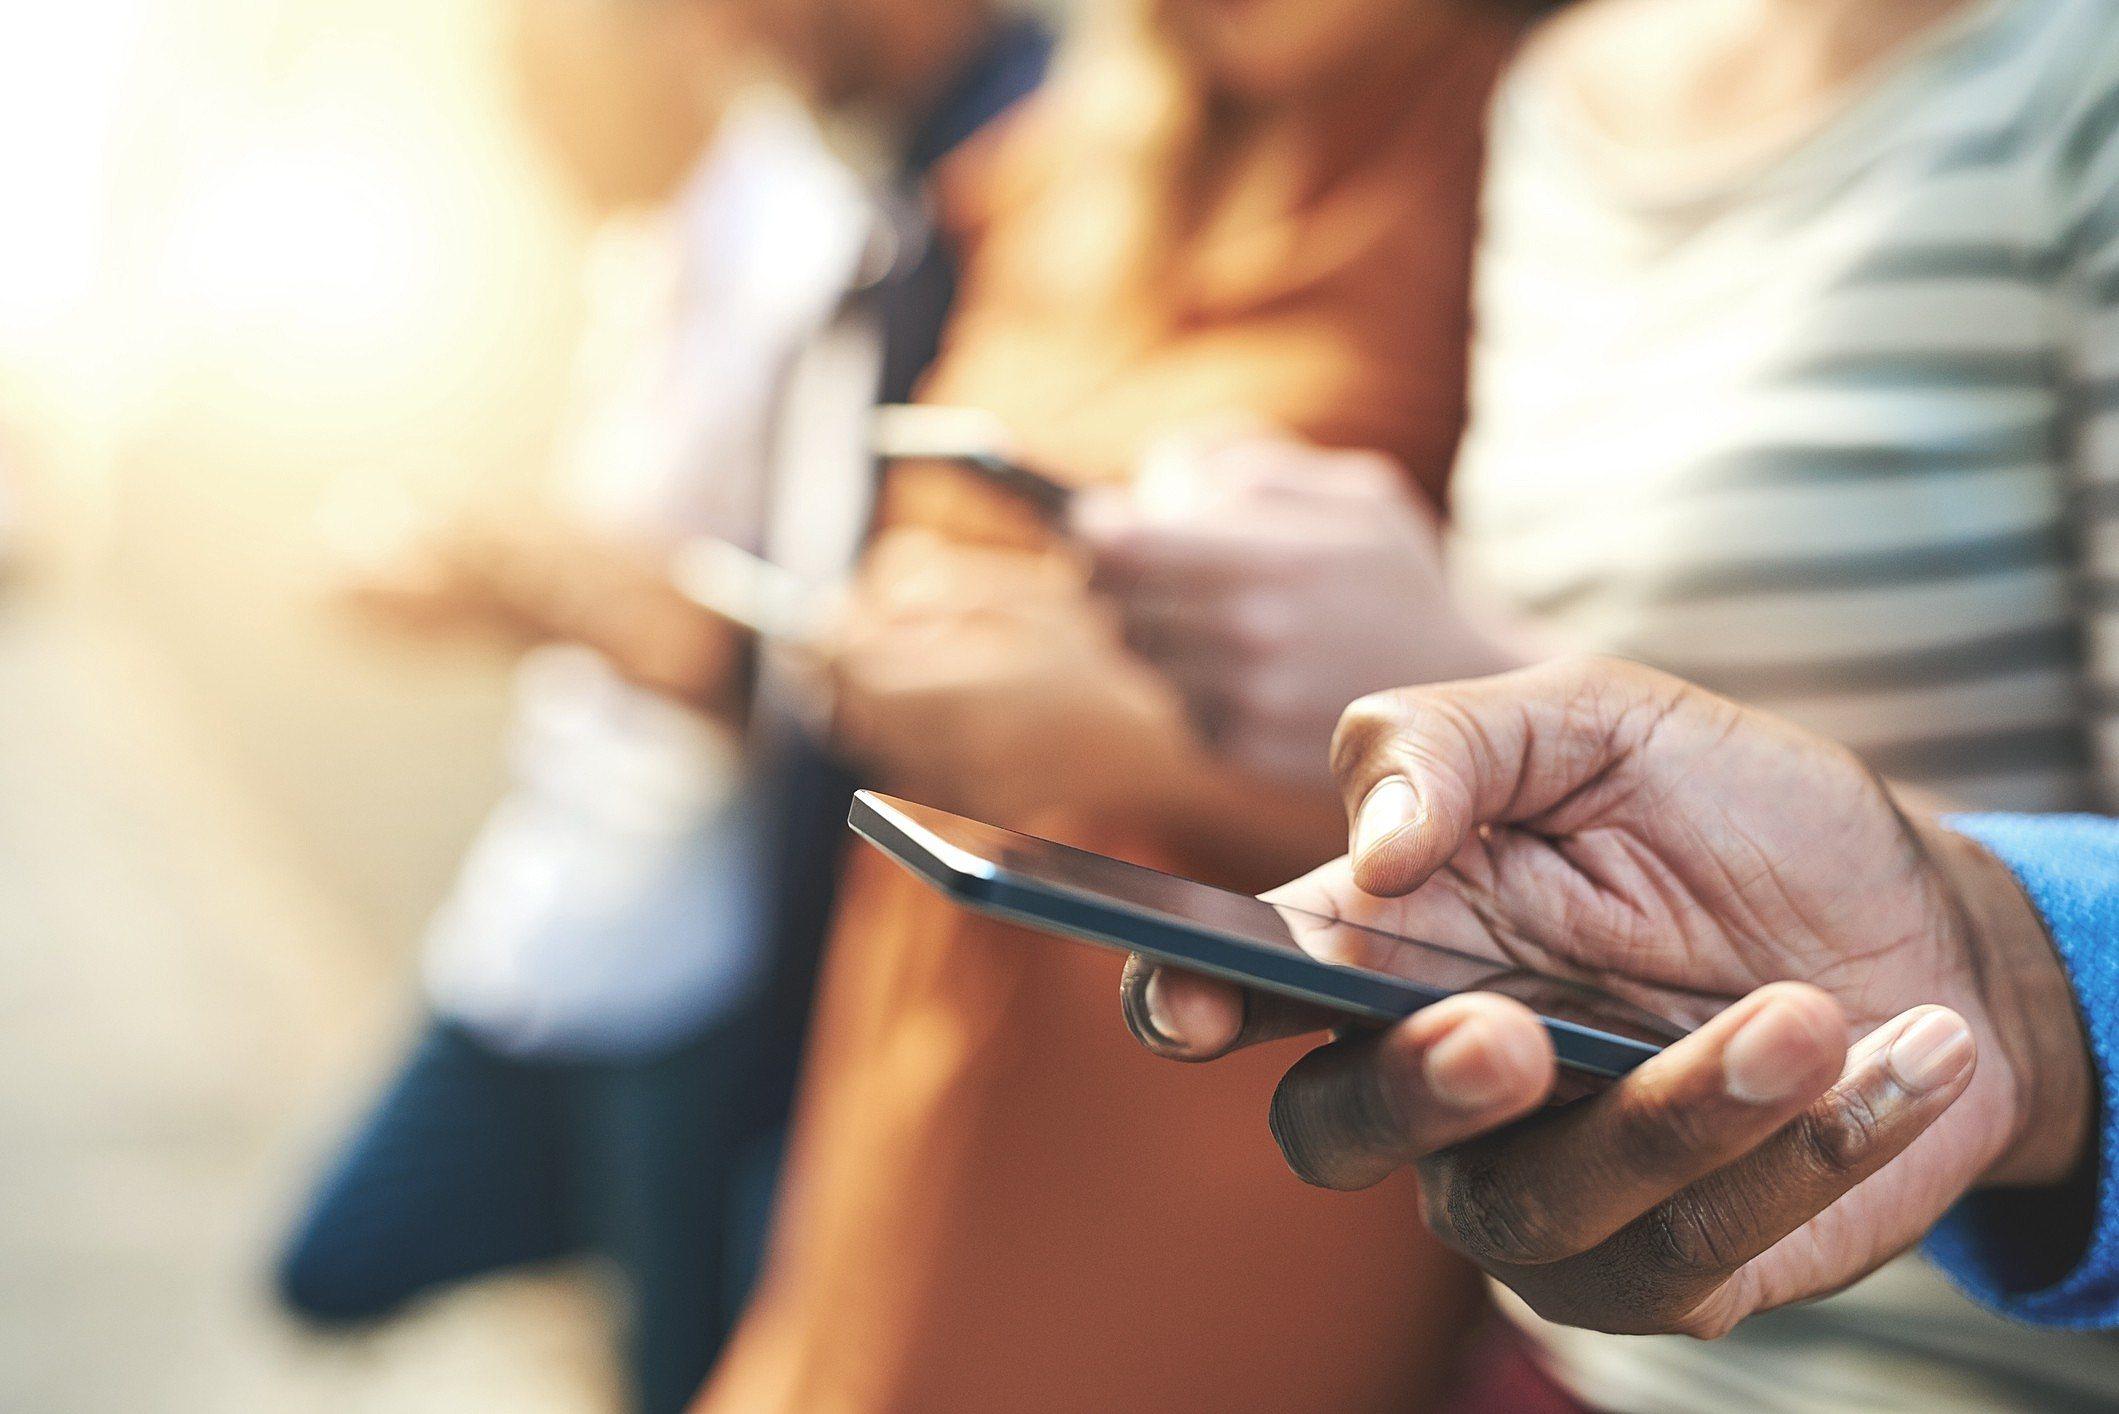 Pessoas com celulares Android e iOS nas mãos